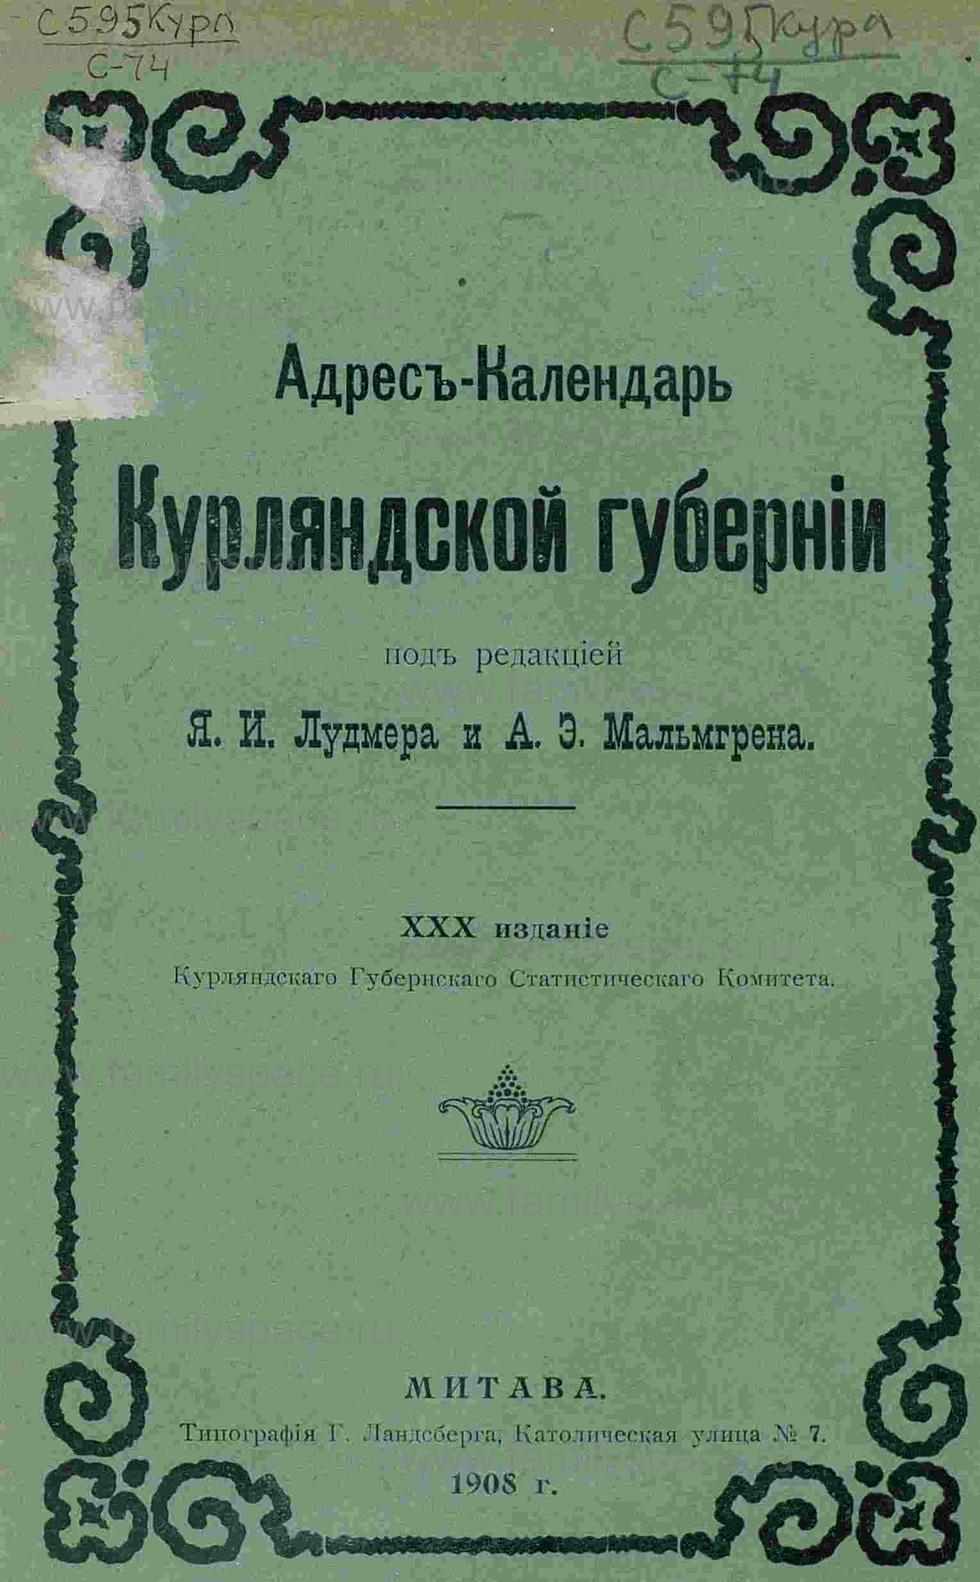 Поиск по фамилии - Адрес-календарь Курляндской губернии на 1908 г, страница 3